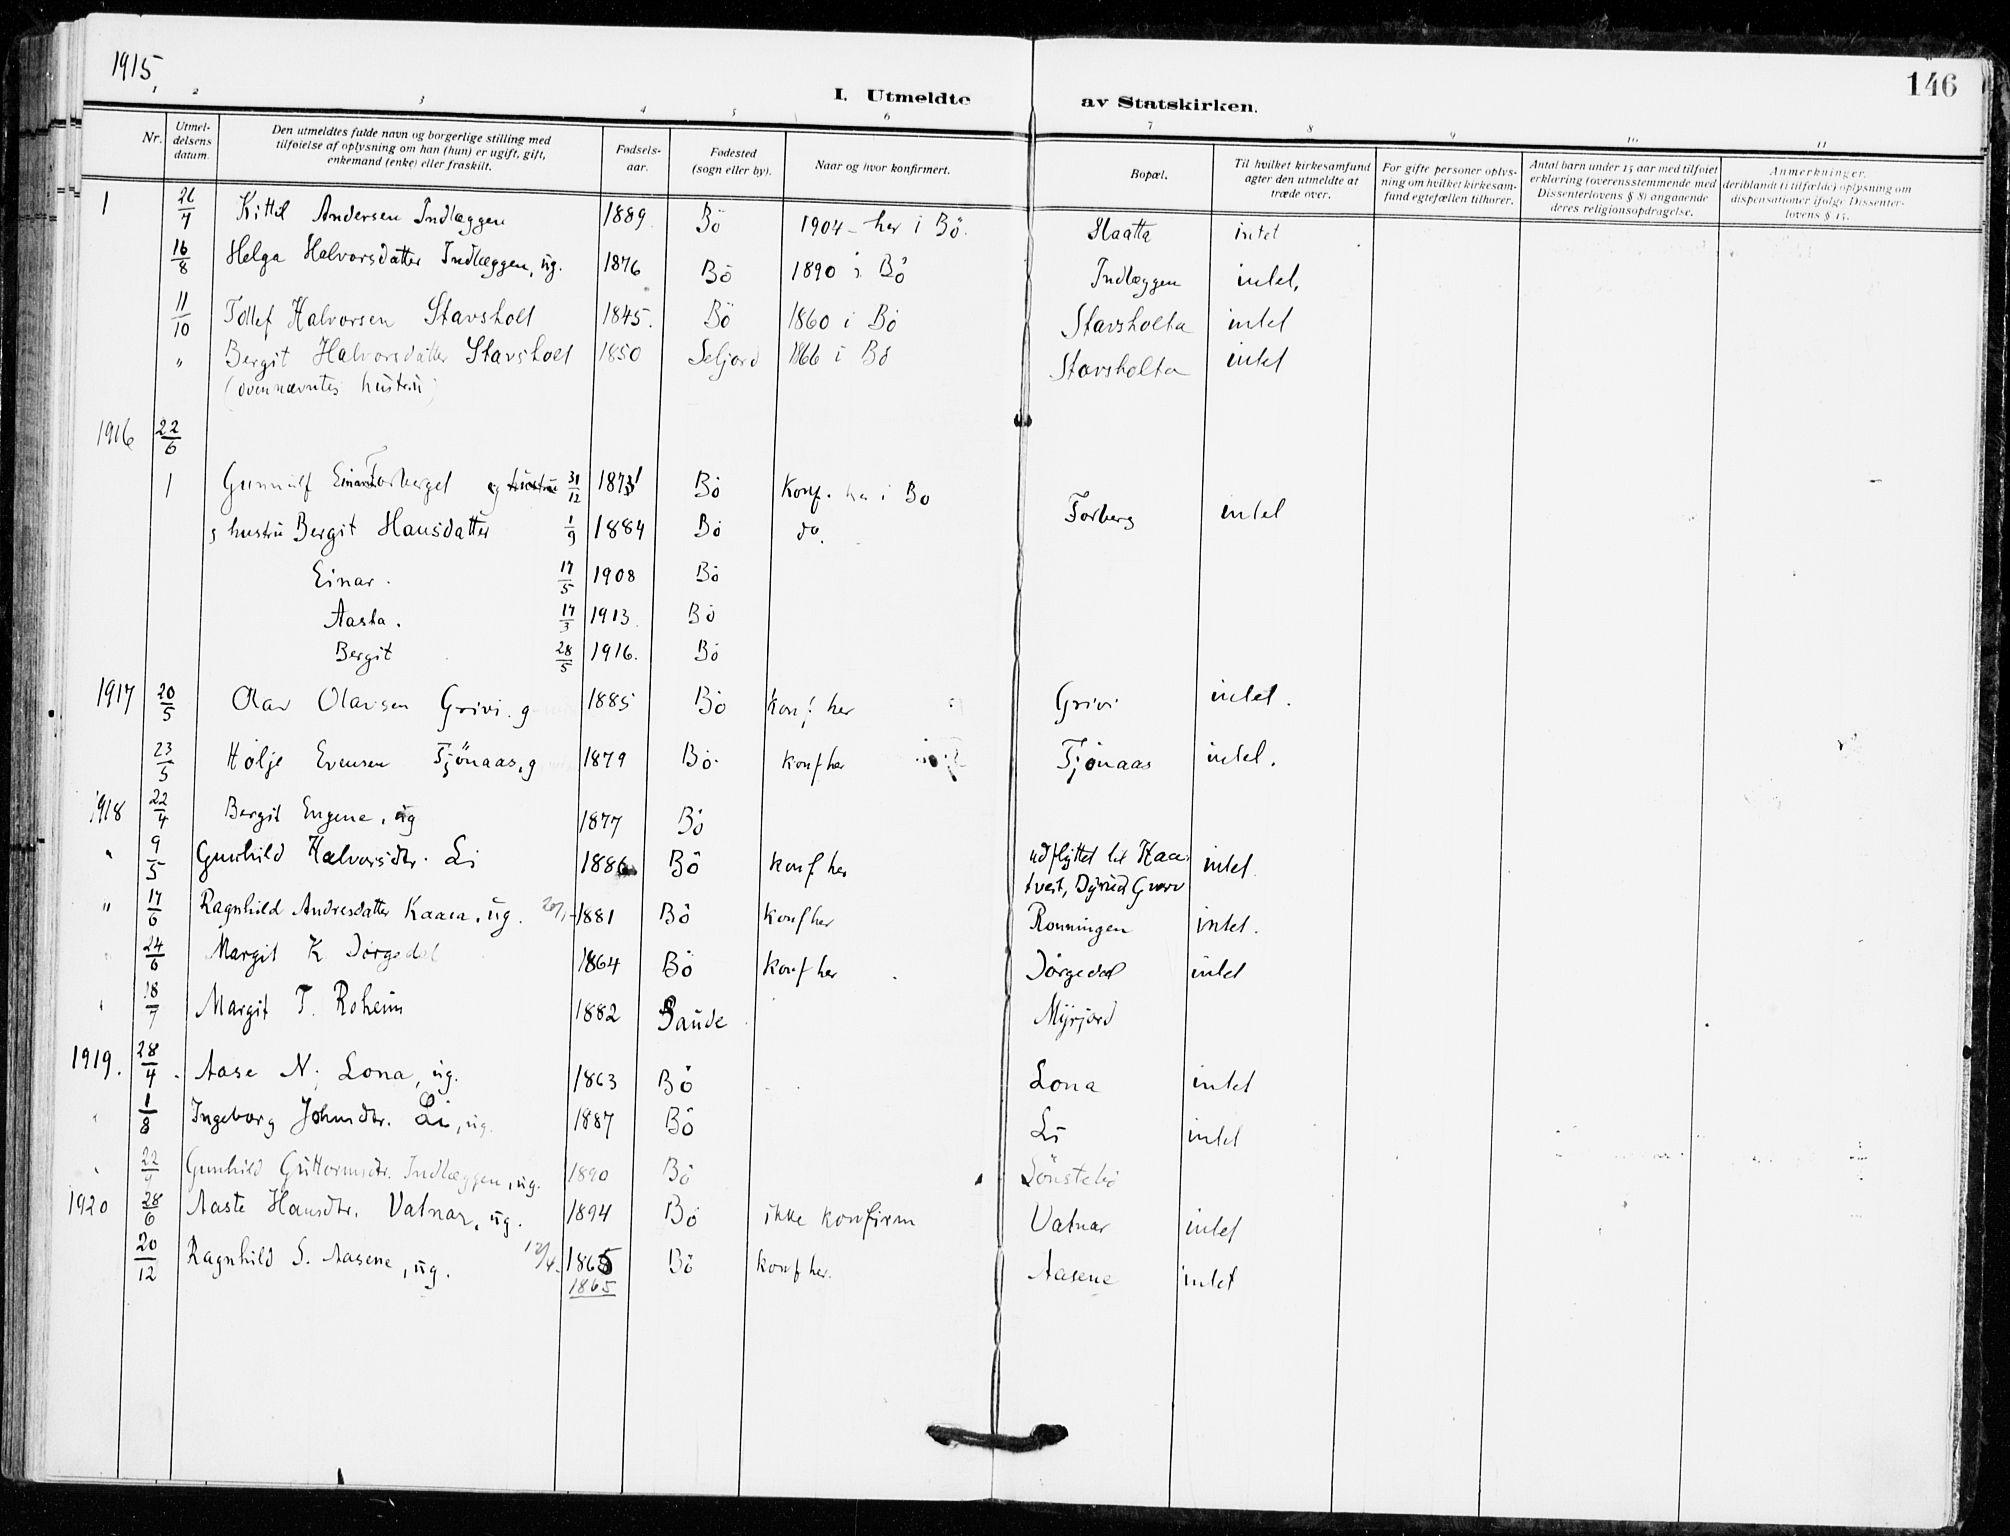 SAKO, Bø kirkebøker, F/Fa/L0013: Ministerialbok nr. 13, 1909-1921, s. 146